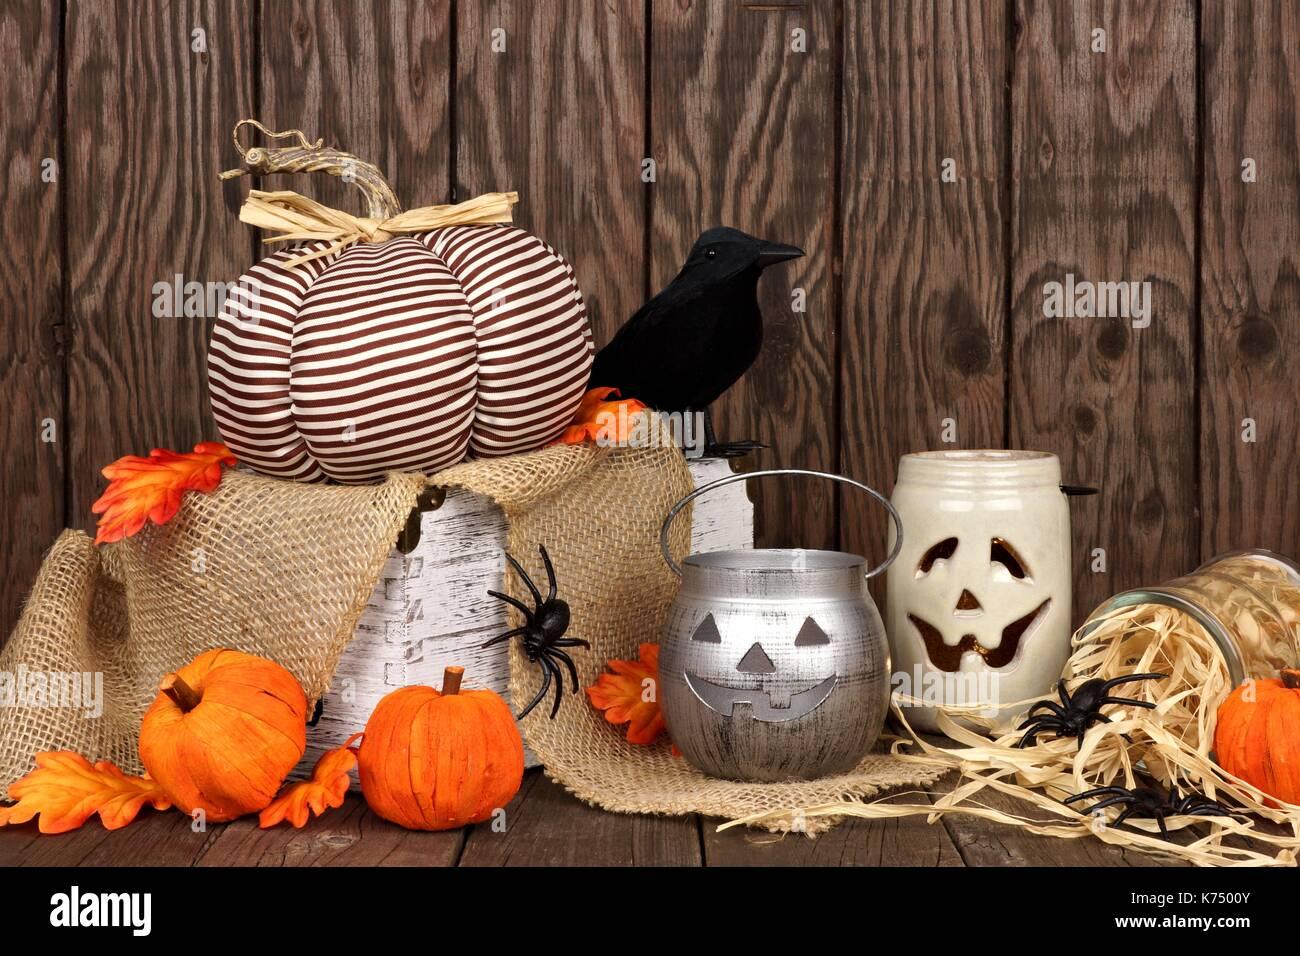 Wooden Halloween Decorations